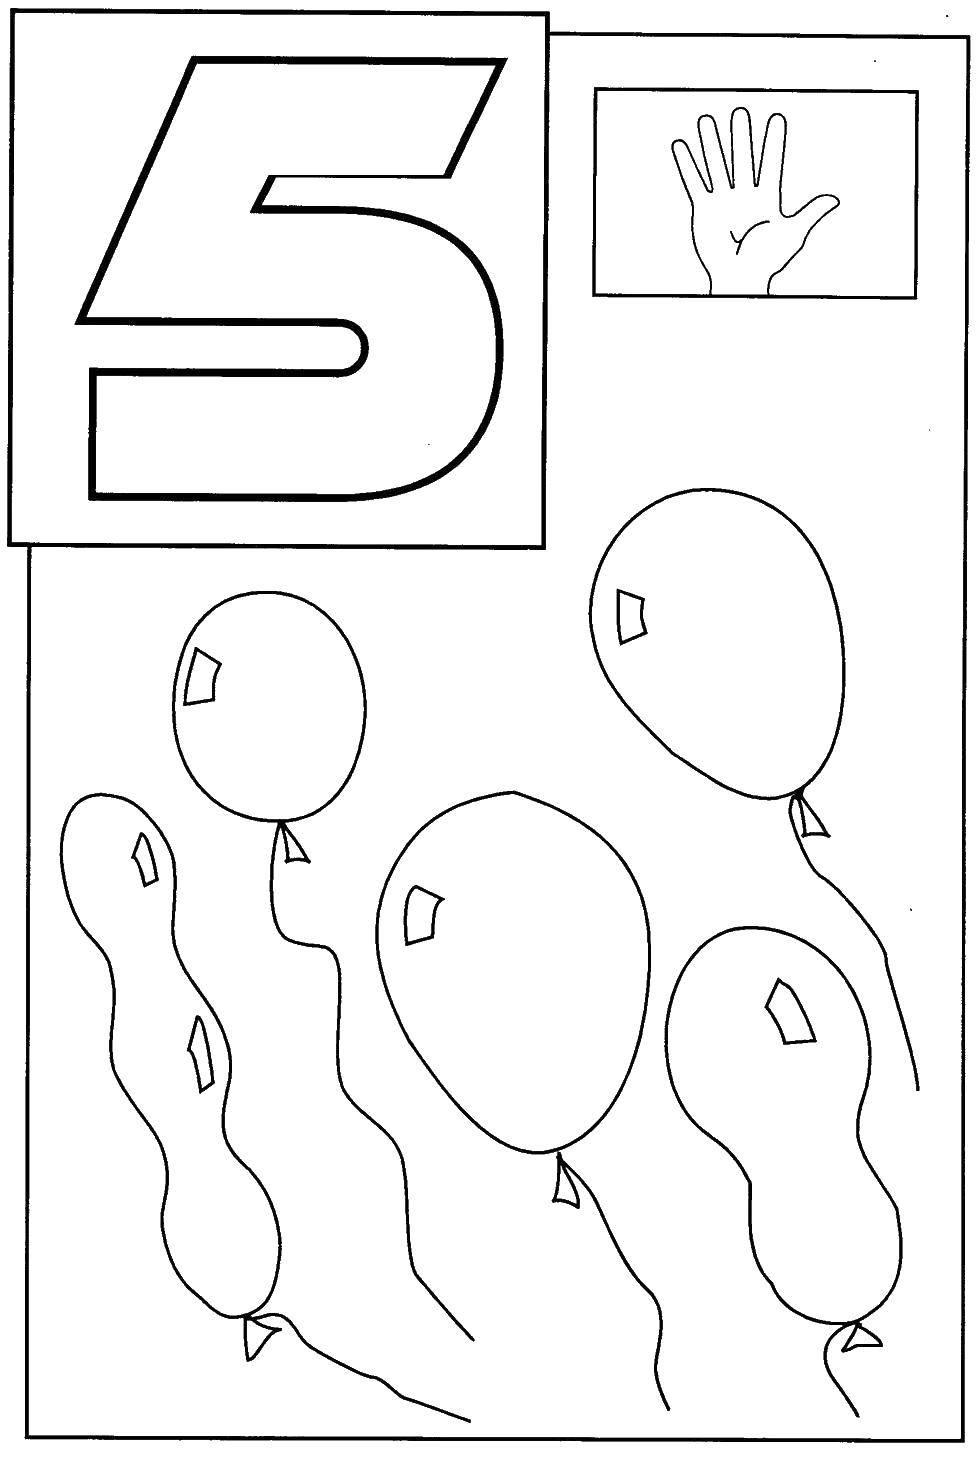 Раскраска 5 шаров Скачать шары, 5, шарики.  Распечатать ,шарики,